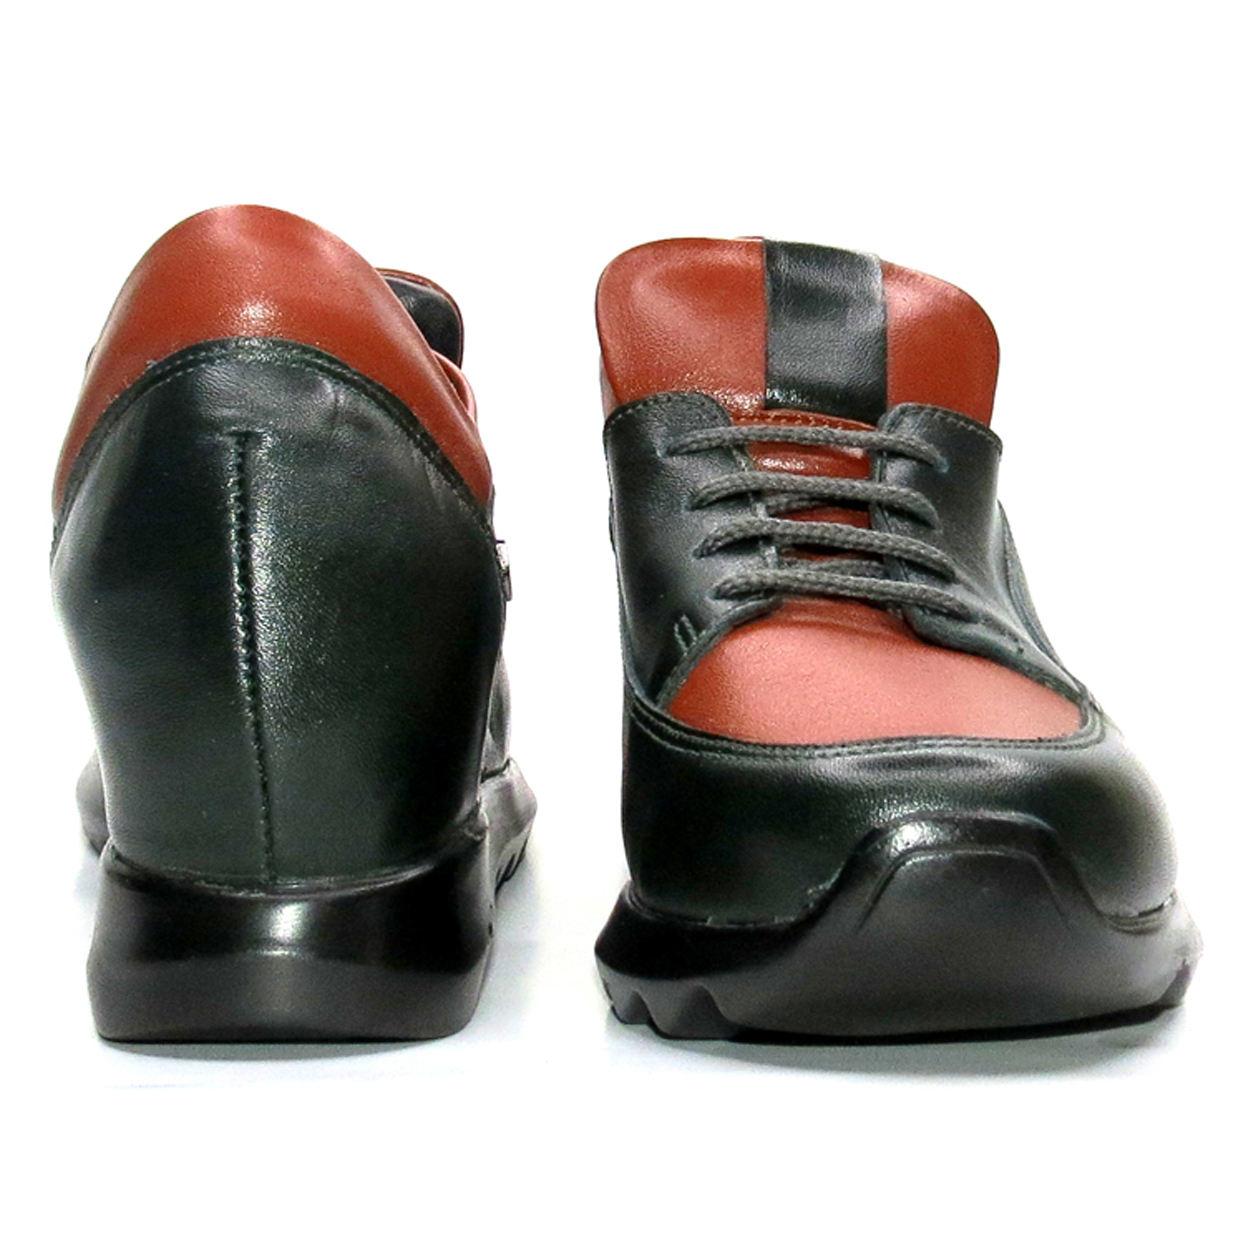 کفش روزمره زنانه آر اند دبلیو مدل 416 رنگ یشمی -  - 4